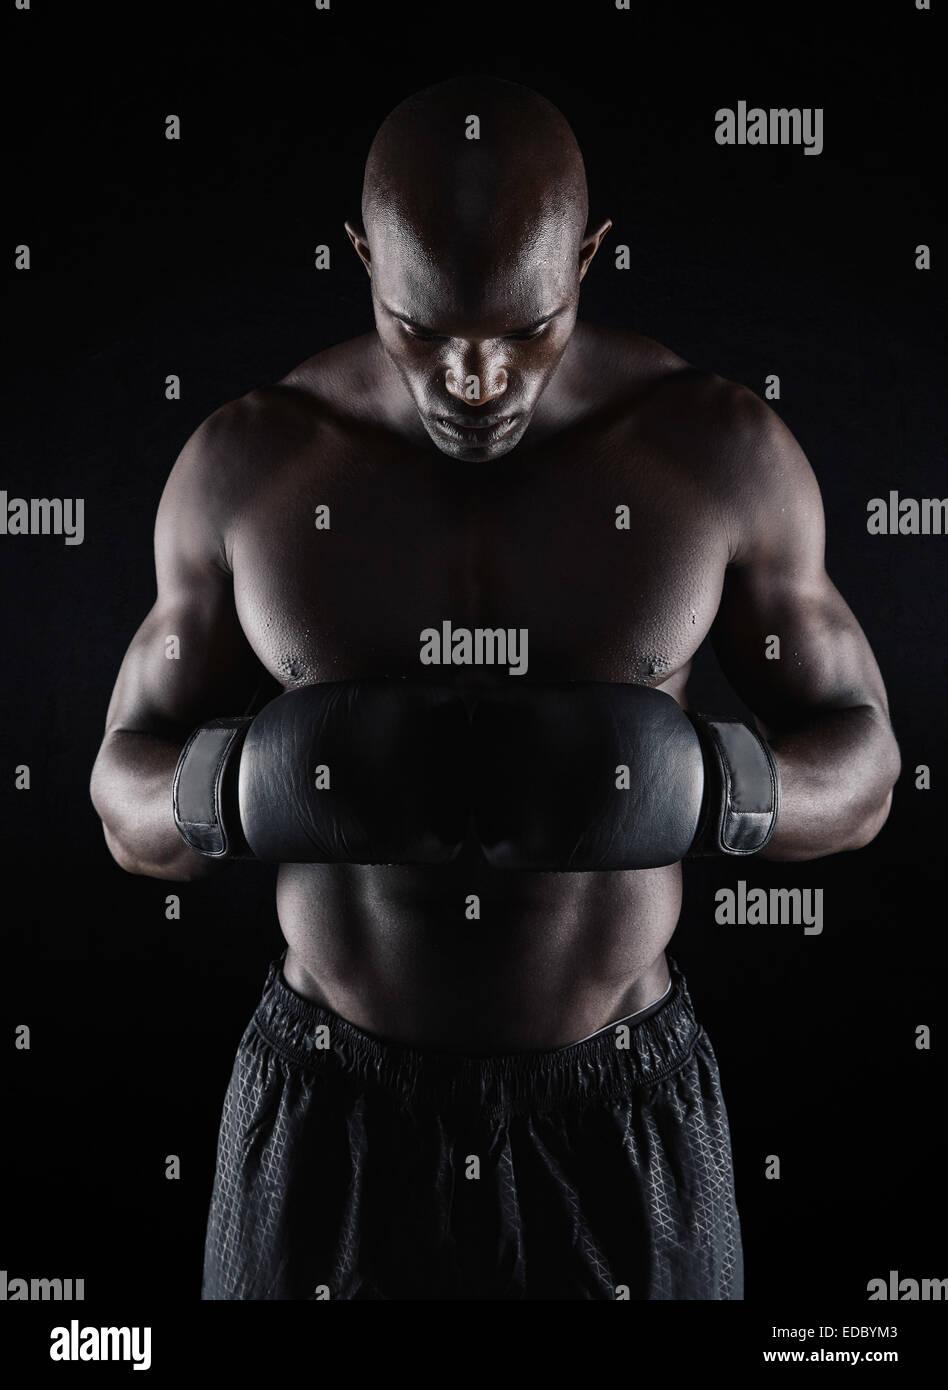 Porträt von Fit junger Mann tragen Boxhandschuhe blickte auf schwarzem Hintergrund. Boxer Kampf vorbereiten. Stockbild